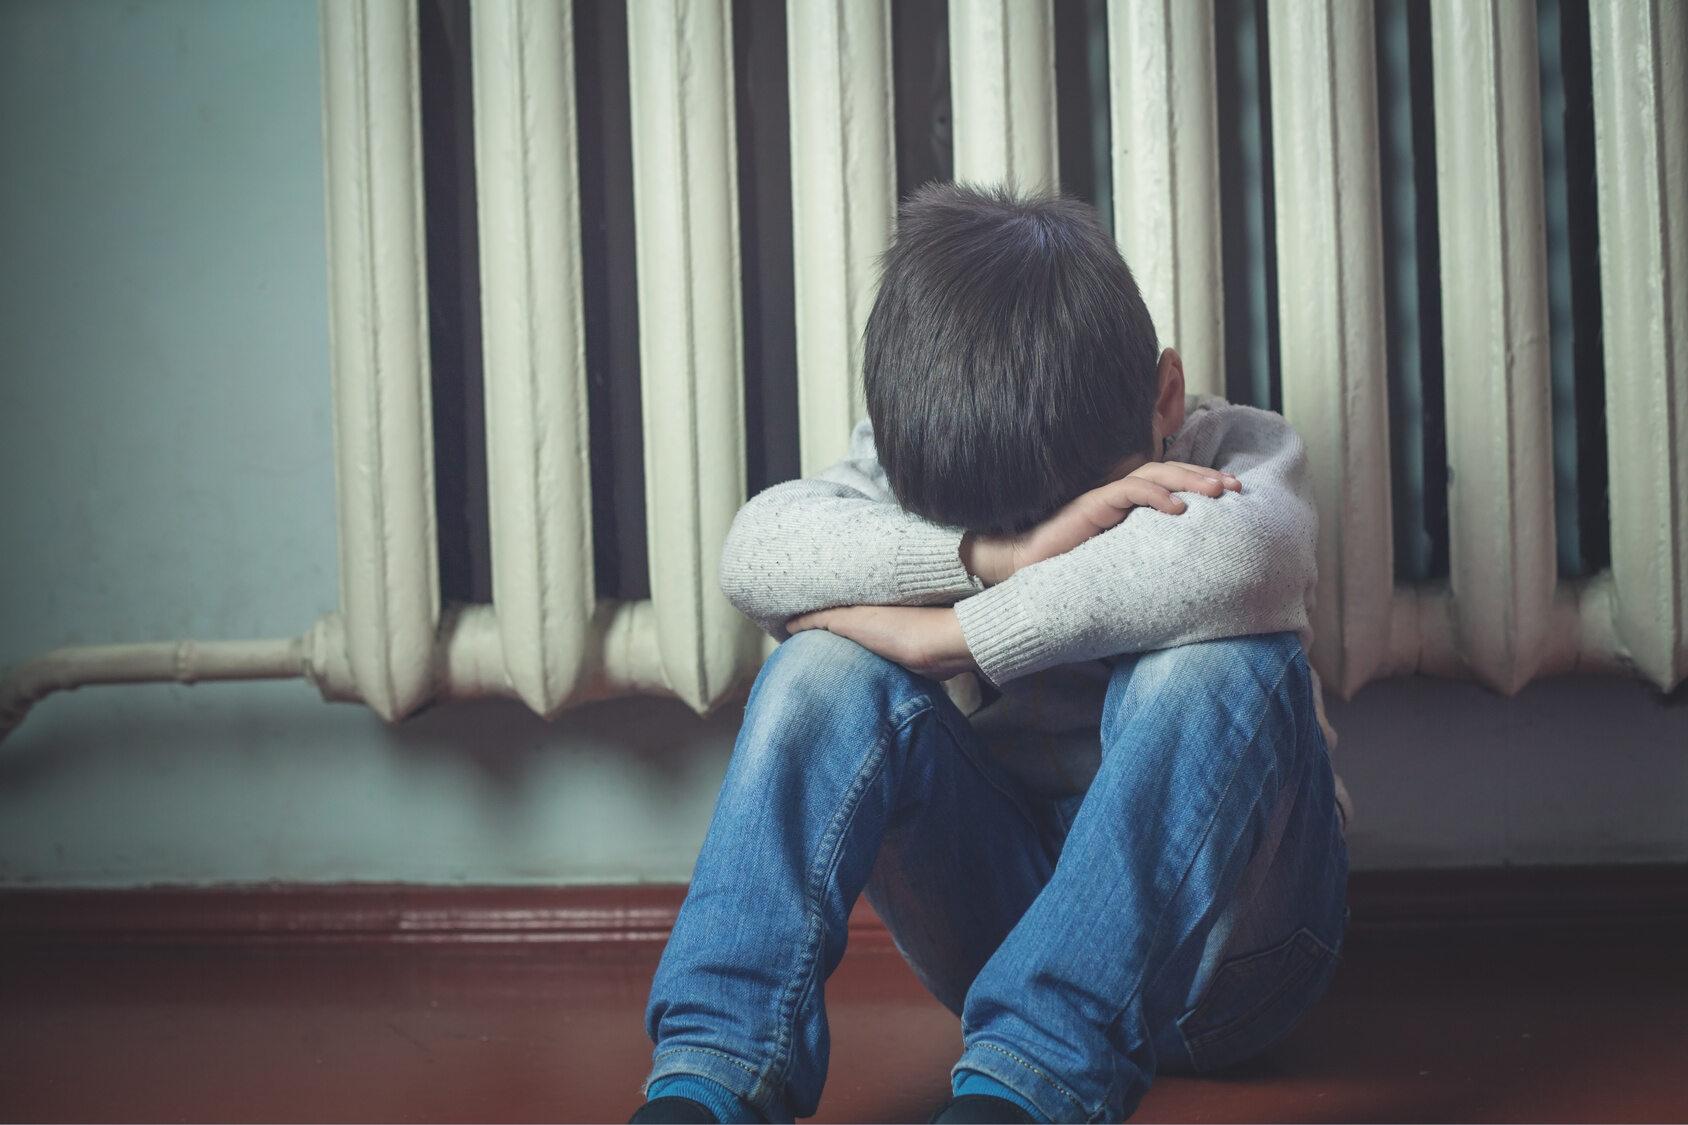 Przemoc wobec dzieci, zdjęcie ilustracyjne